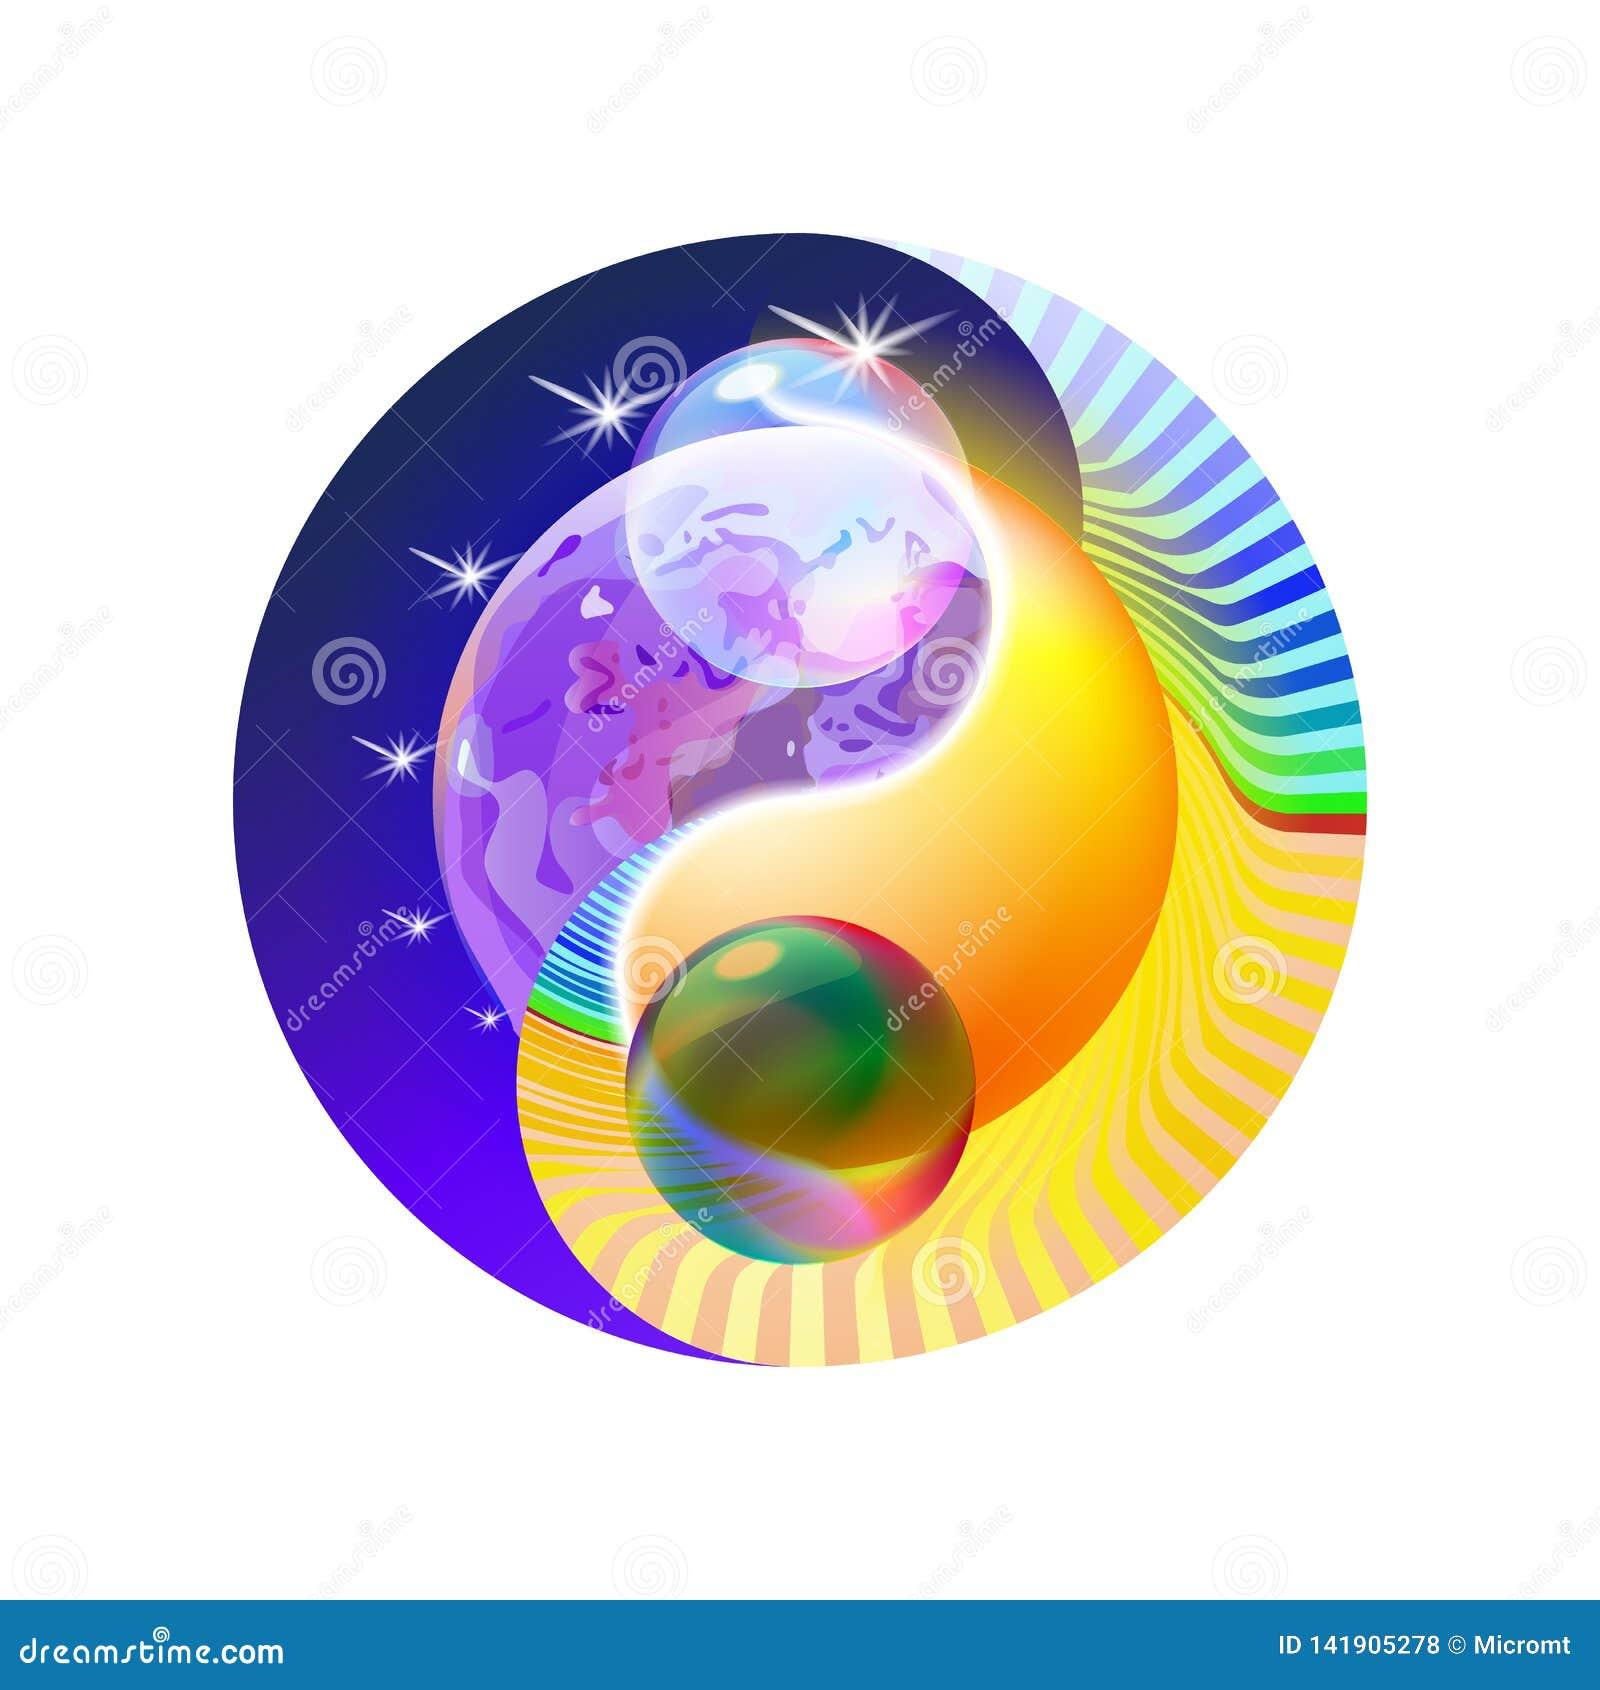 荐骨的装饰概念阴山和杨坛场 五颜六色的太阳或装饰月亮,精神放松现代蓝色宇宙 美丽